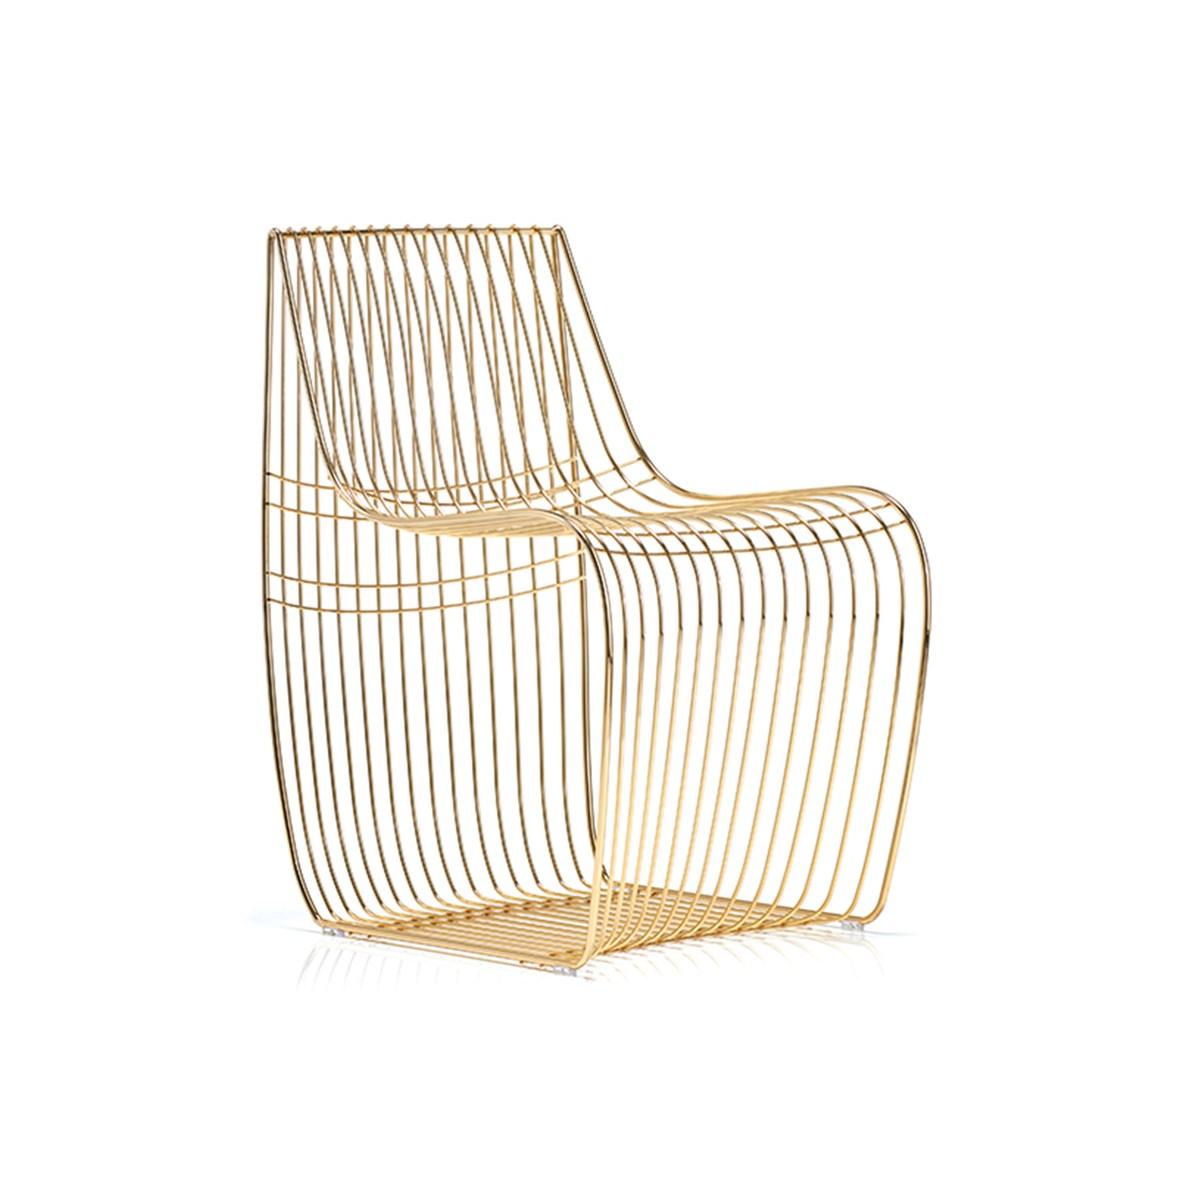 MDF-Italia-Piergiorgio-Cazzaniga-Sign-Filo-Chair-Matisse-1